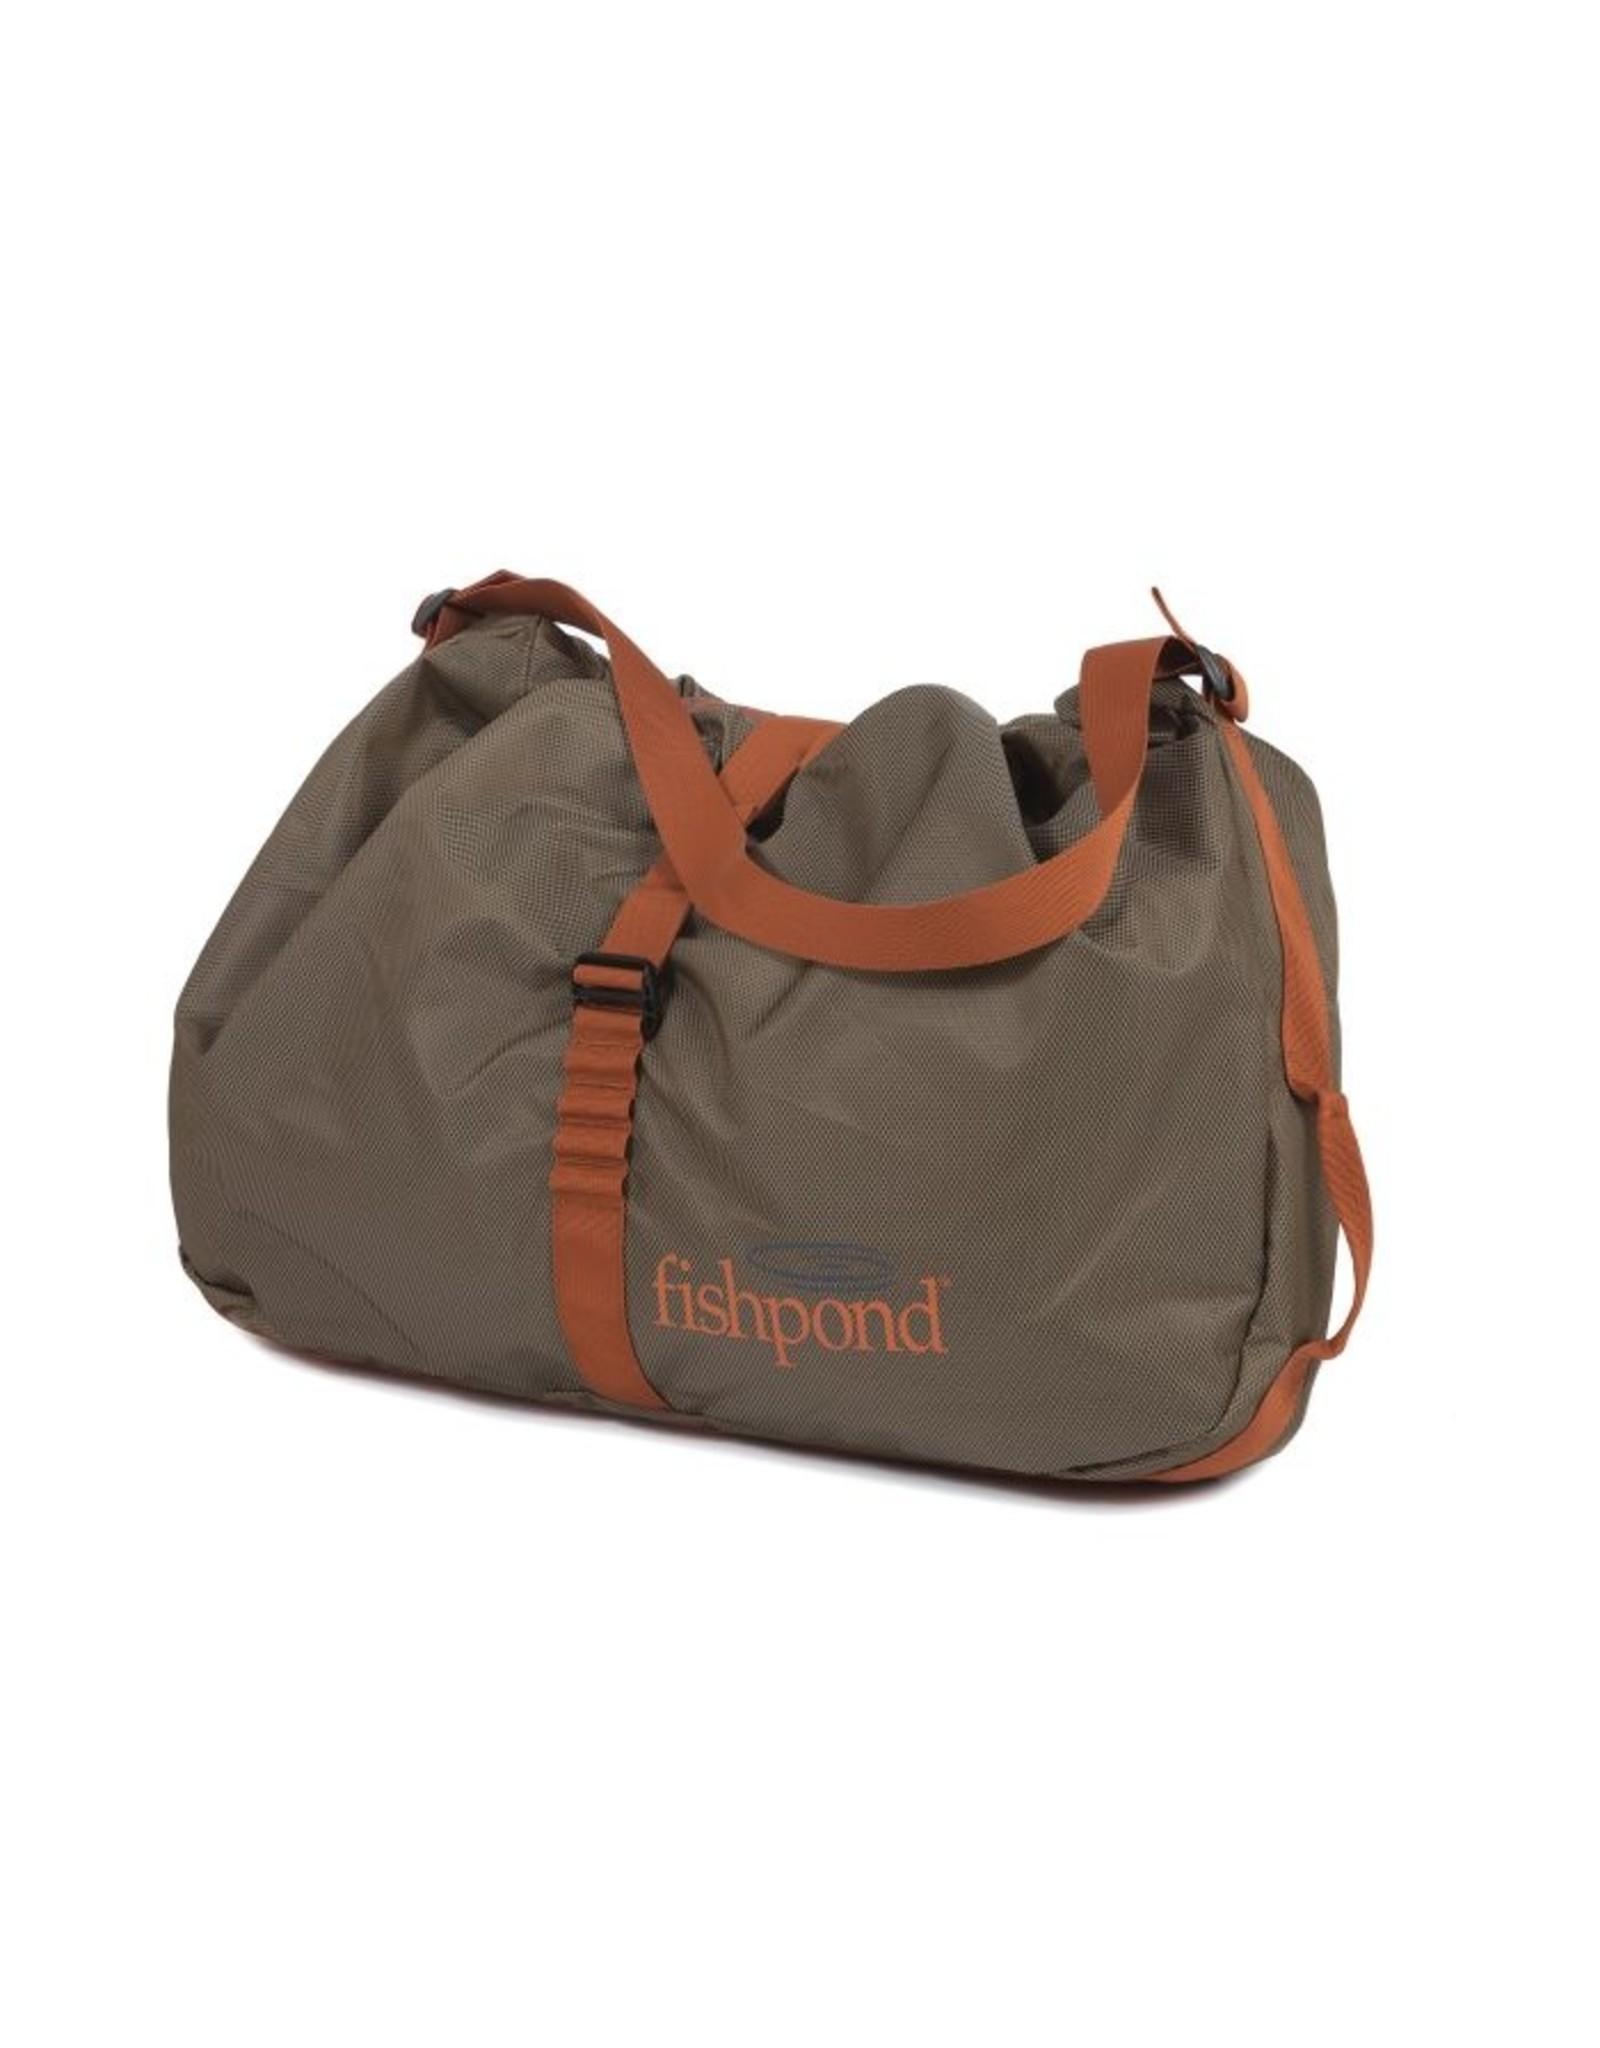 Fishpond Fishpond - Burrito Wader Bag